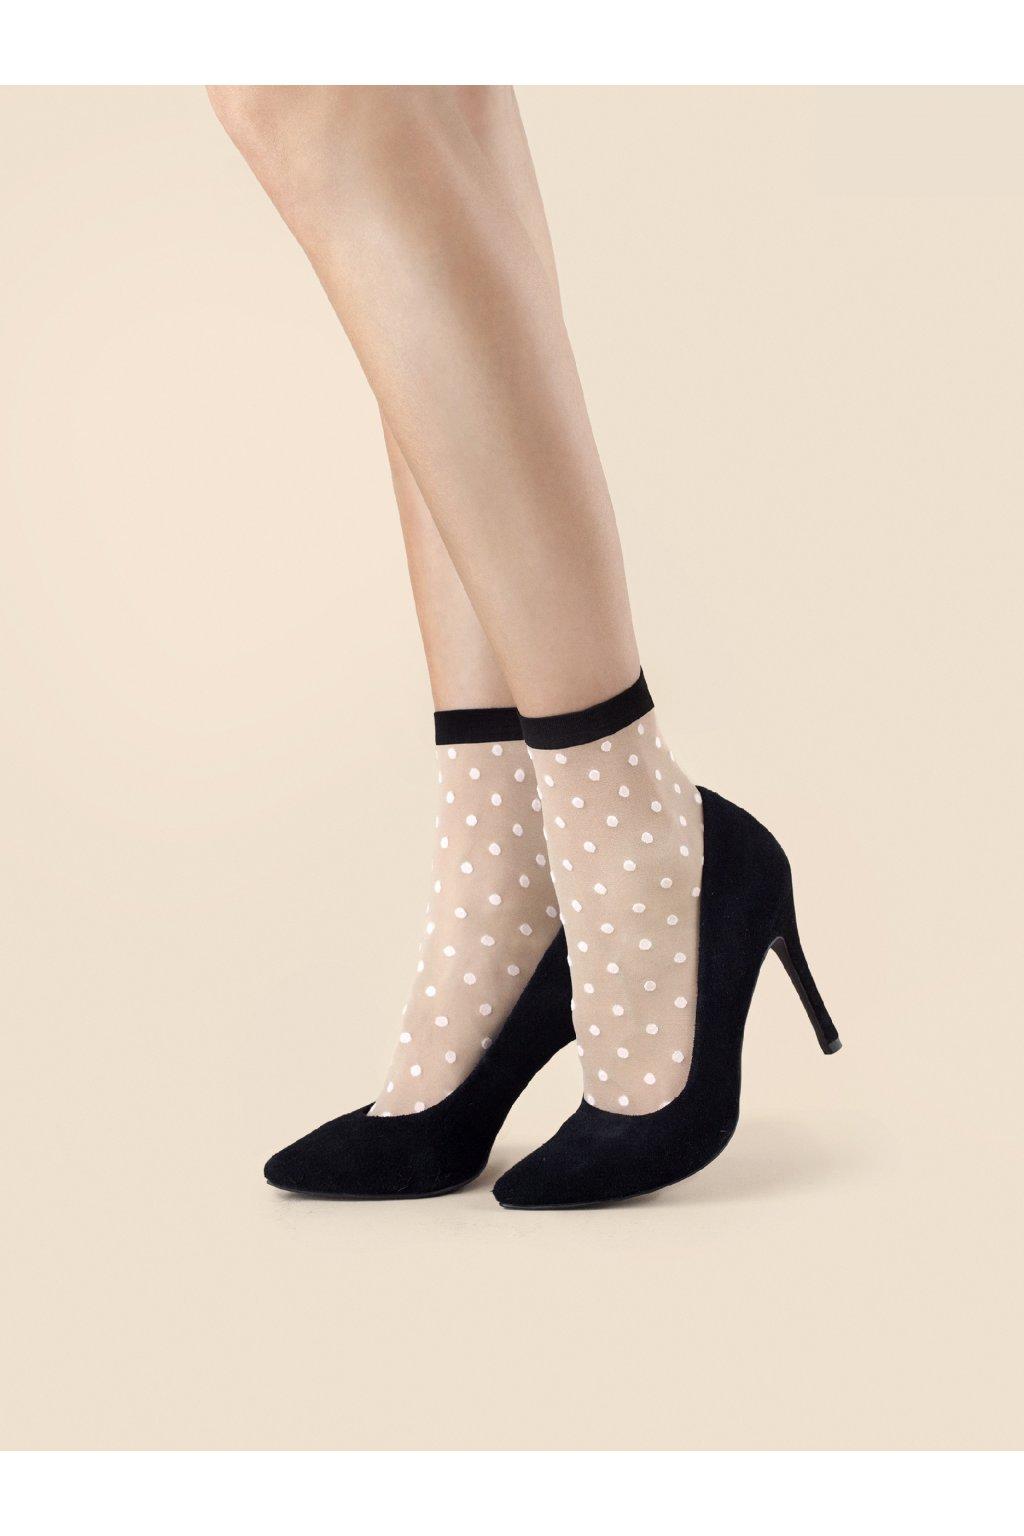 bodkované silonky, silonkové ponožky, vzorované ponožky cribs (1)